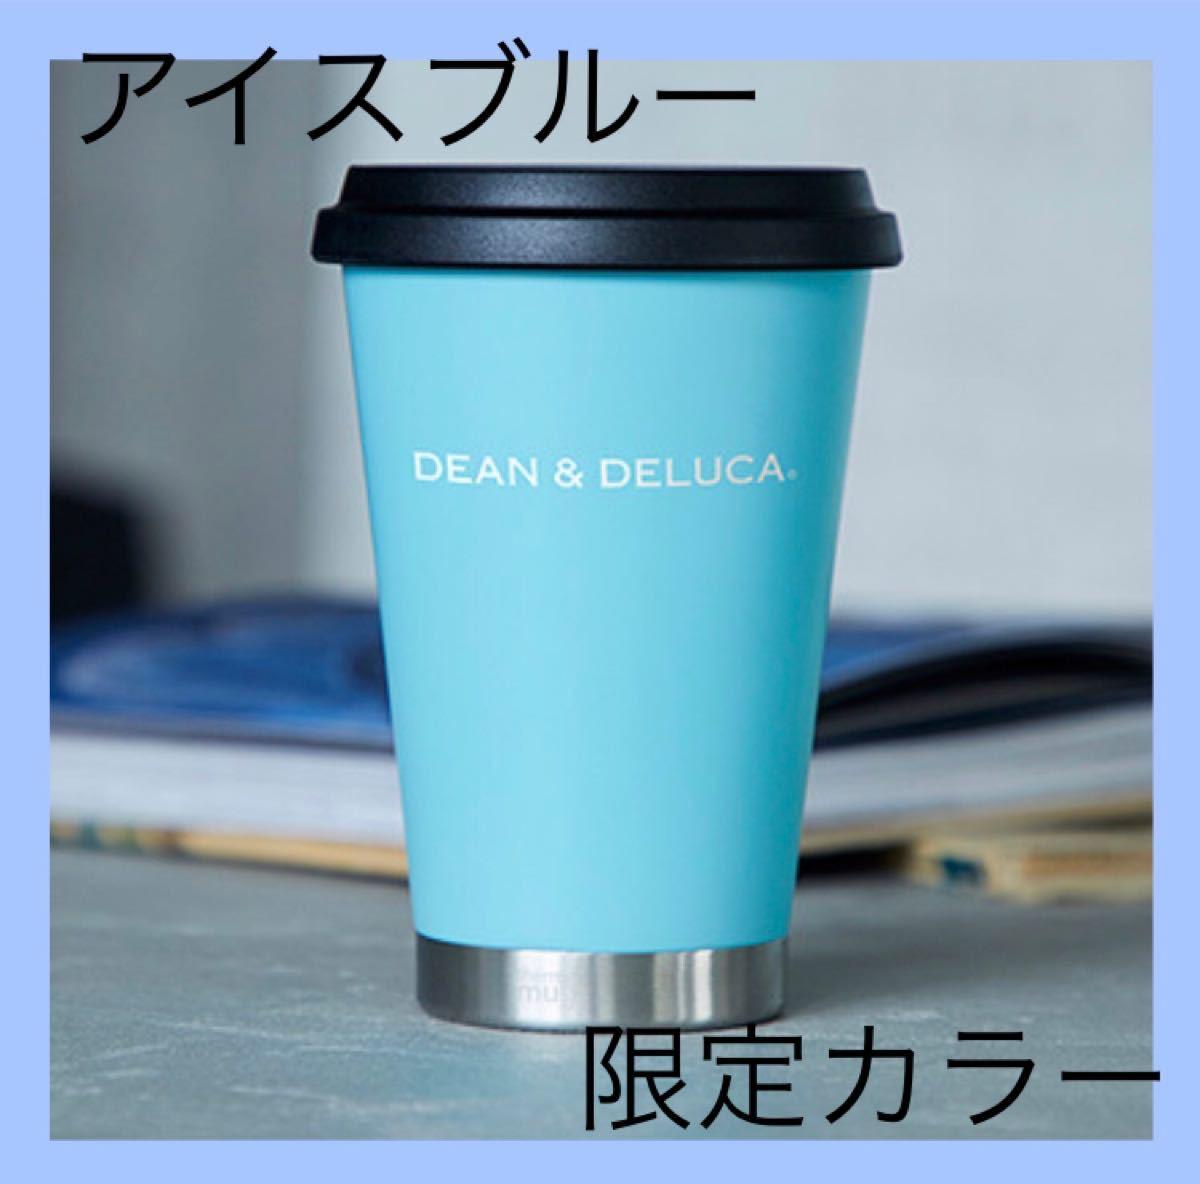 DEAN&DELUCA サーモタンブラー マグ 限定カラー アイスブルー